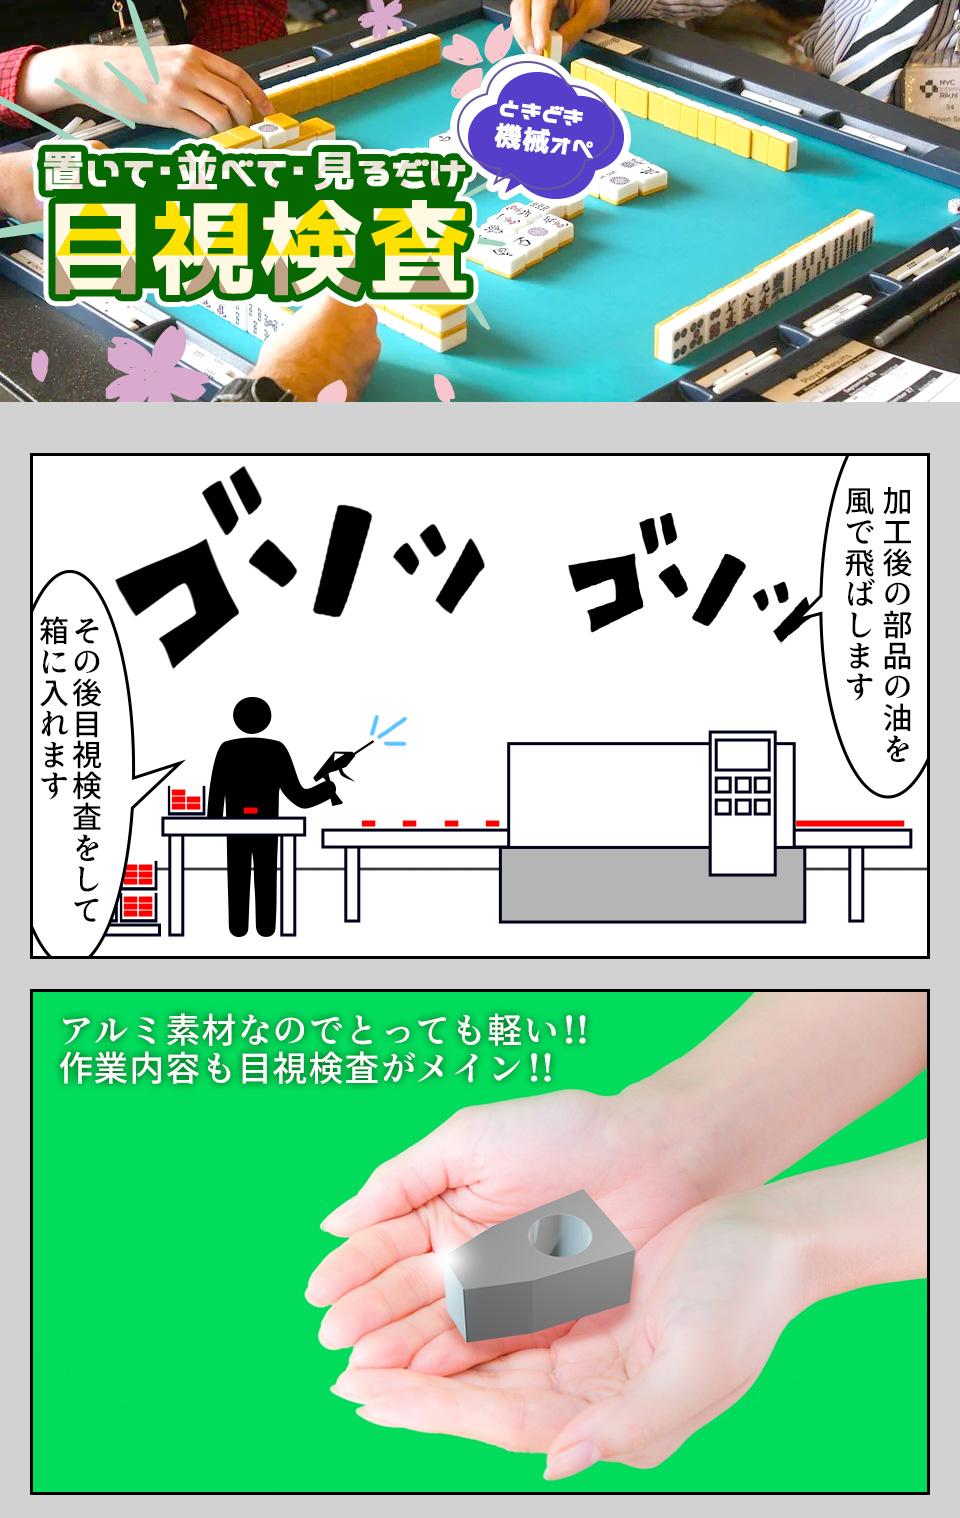 片手サイズの部品の機械オペ+目視検査 愛知県豊橋市の派遣社員求人